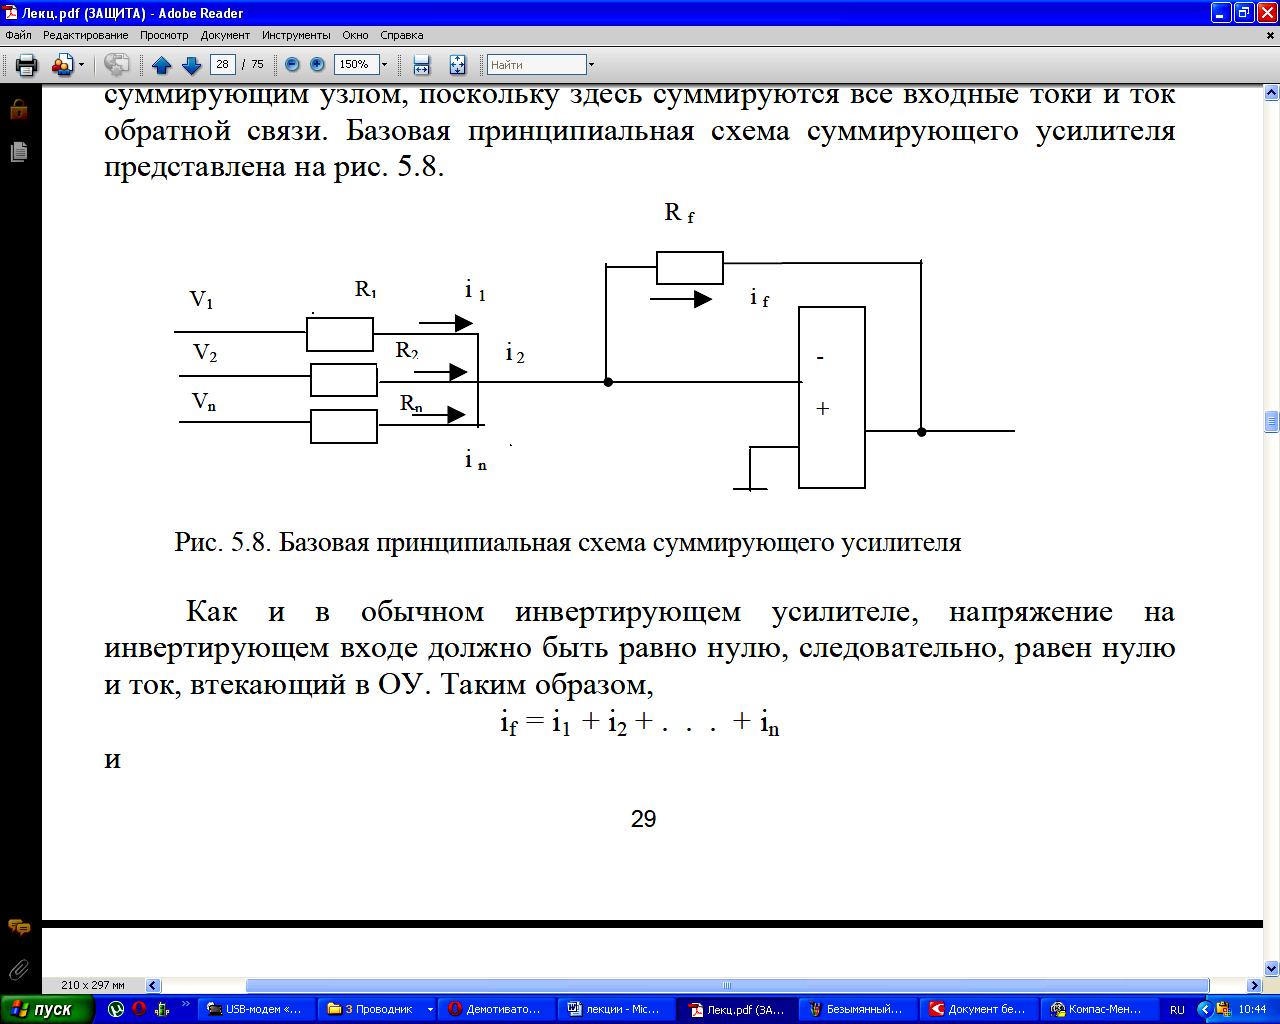 Трансформатор тока суммирующий принципиальная схема